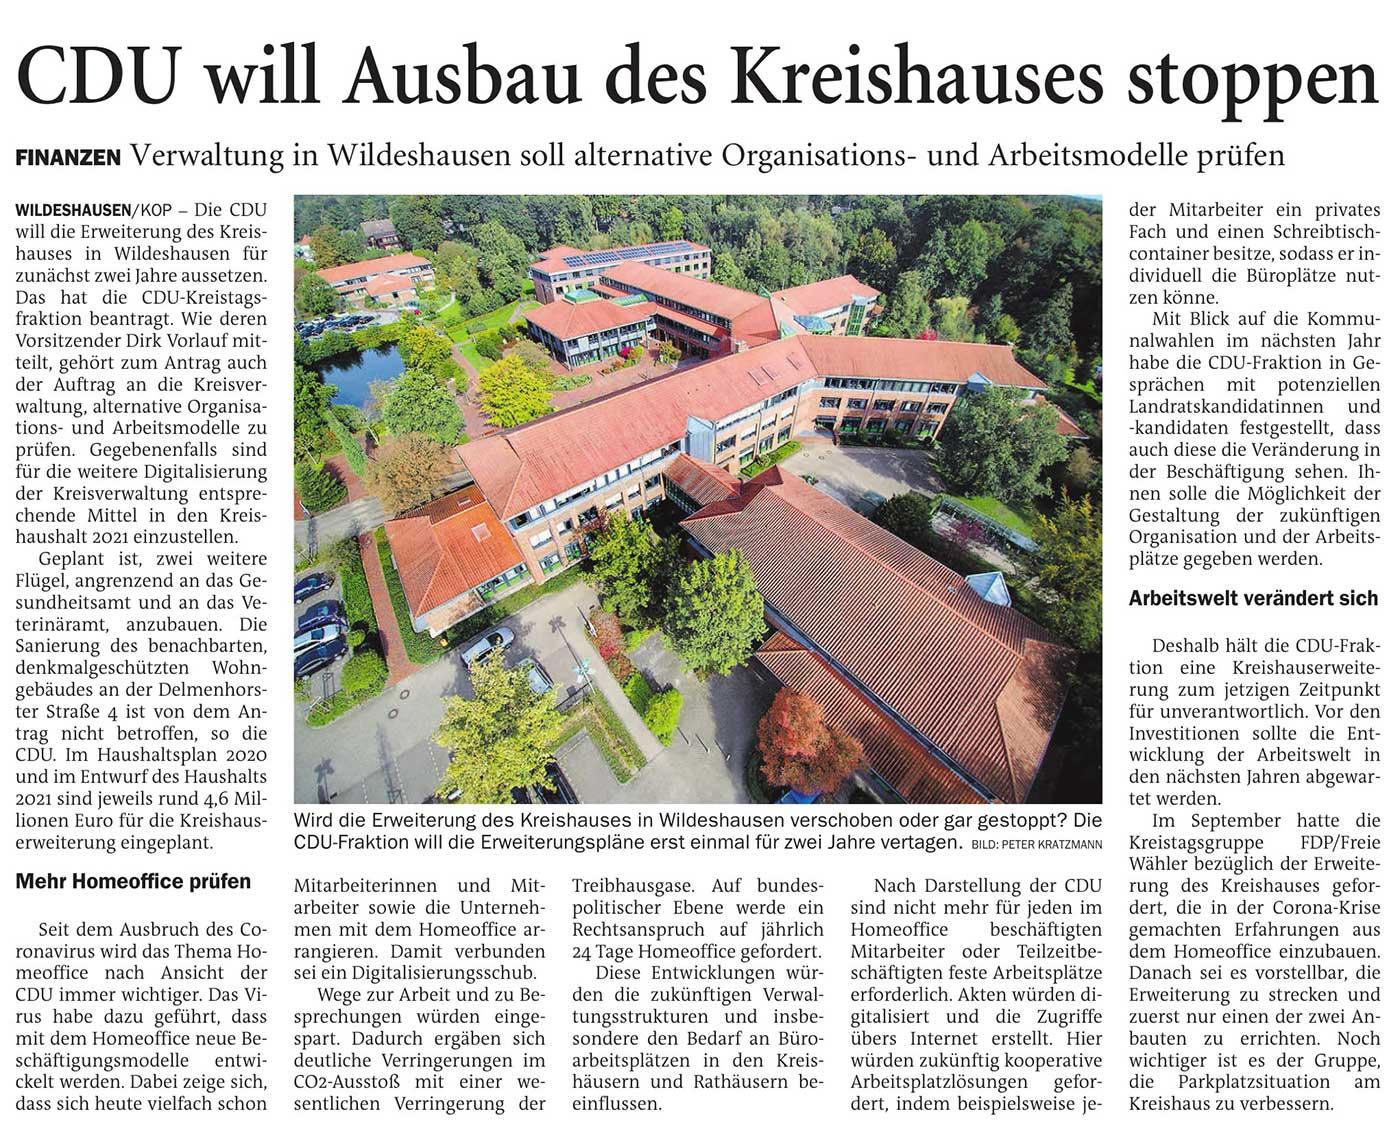 CDU will Ausbau des Kreishauses stoppenLandkreis // Finanzen: Verwaltung in Wildeshausen soll alternative Organisations- und Arbeitsmodelle prüfenArtikel vom 16.10.2020 (NWZ)